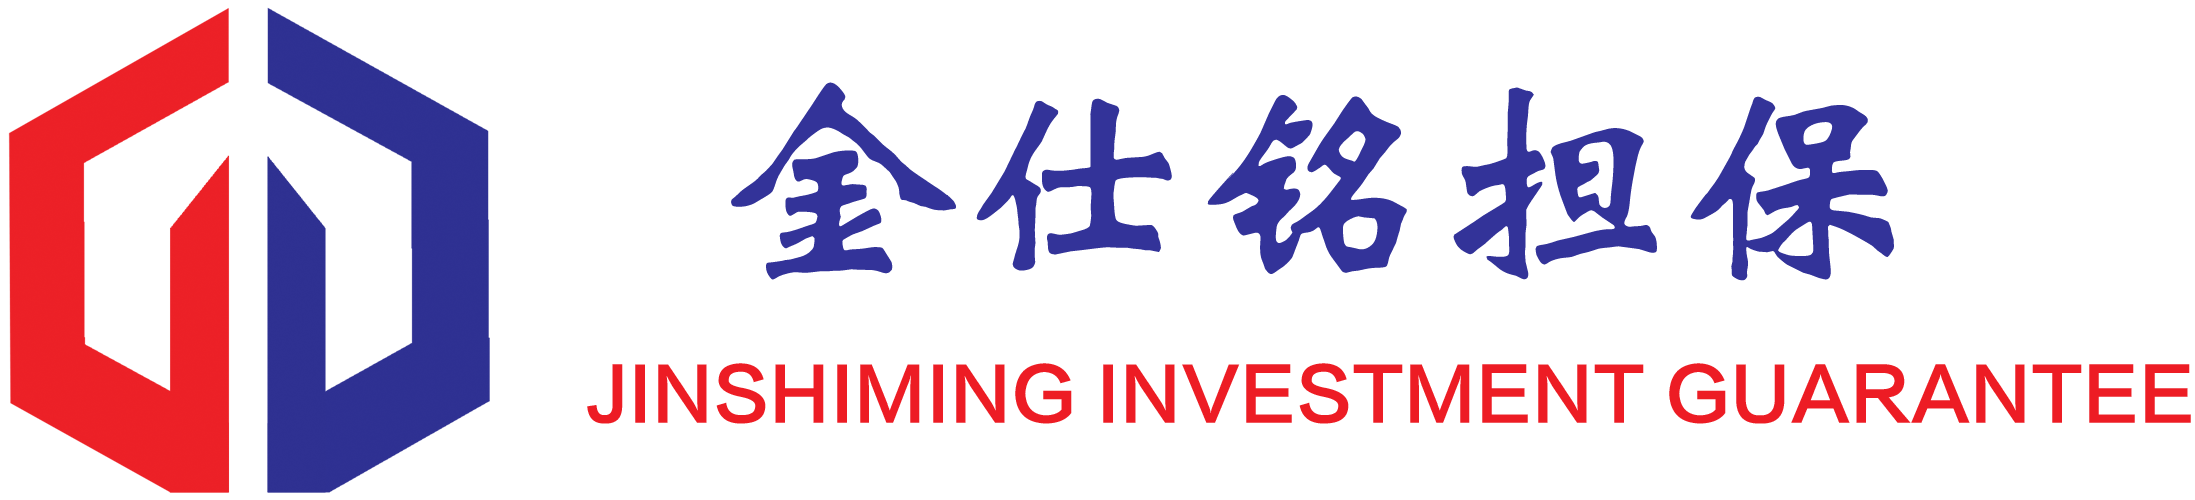 中国保函网